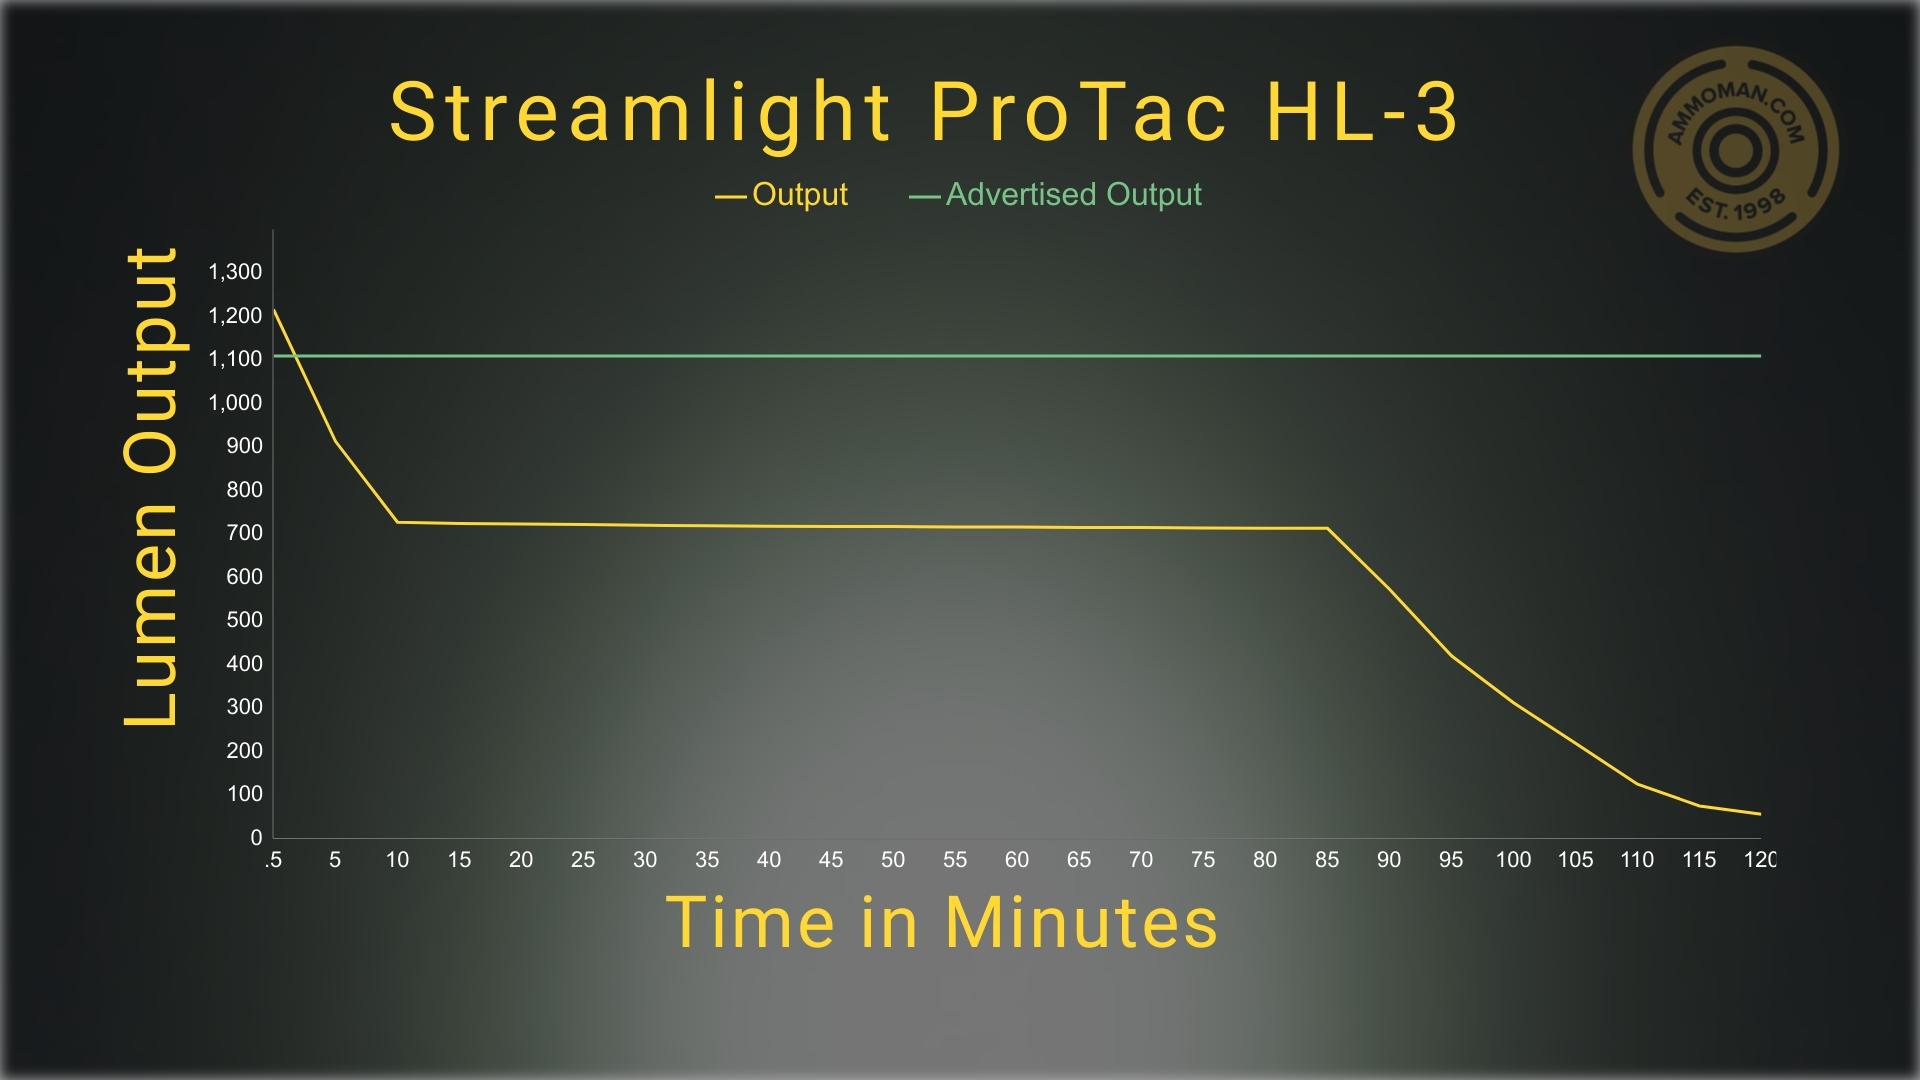 streamlight protac hl-3 lumen test results